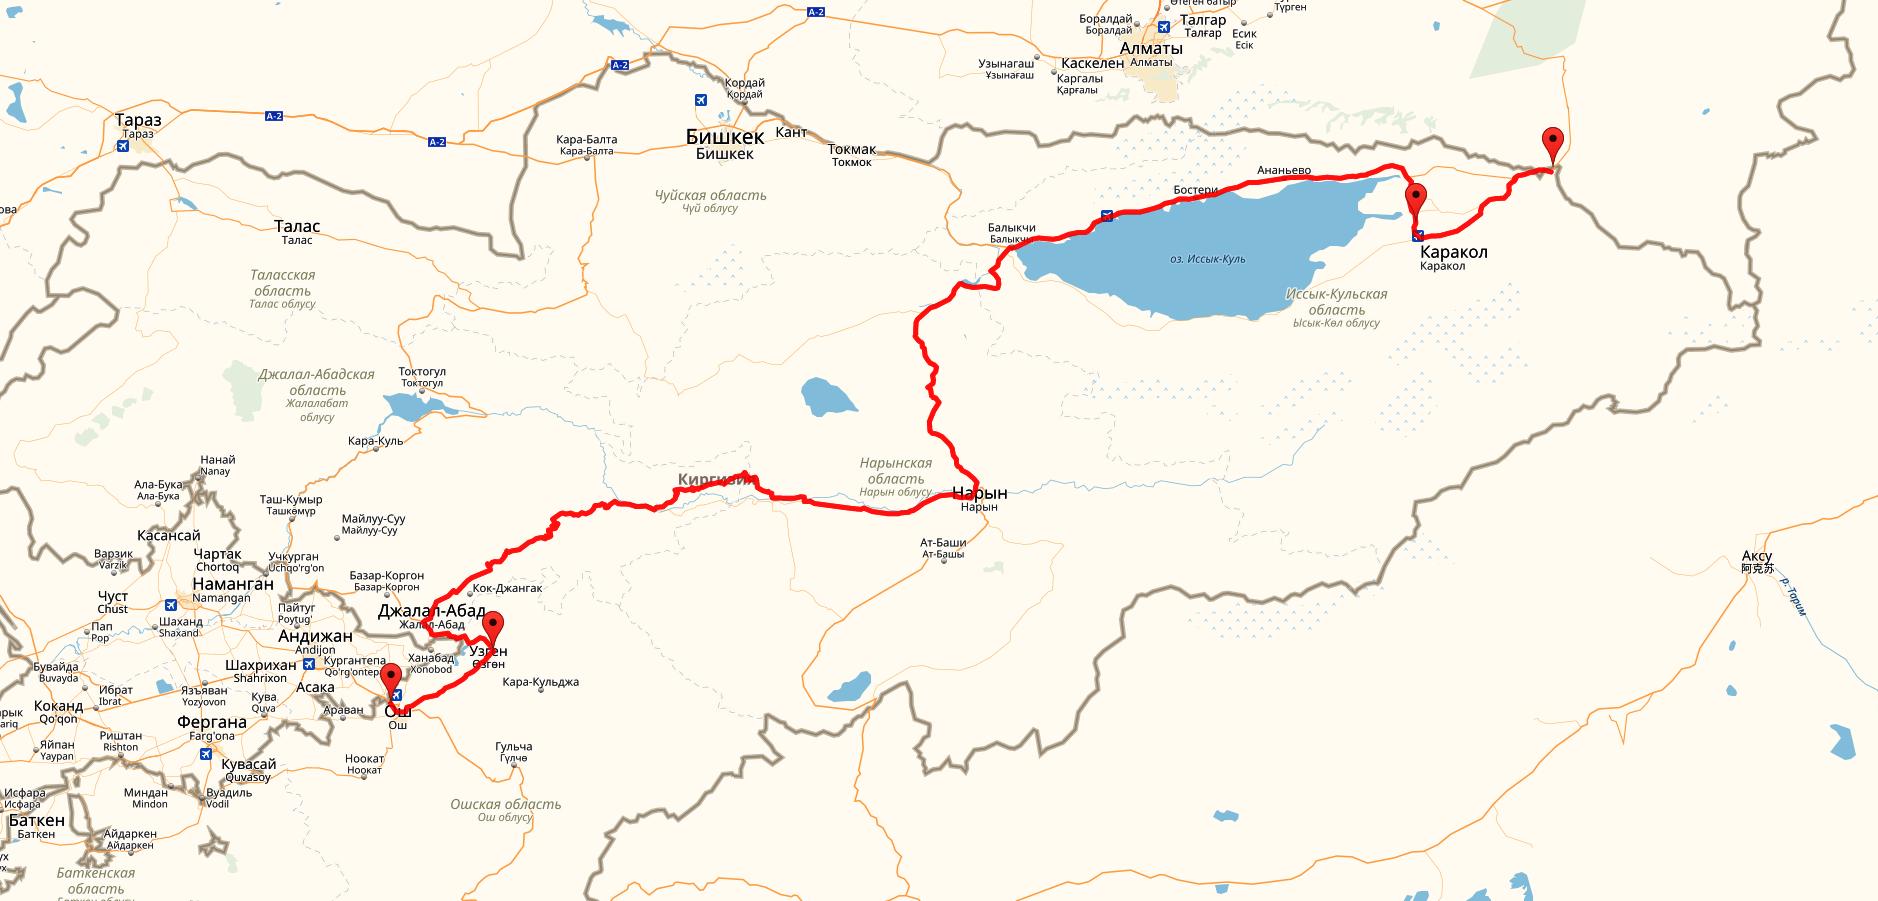 Маршрут по территории Кыргызстана